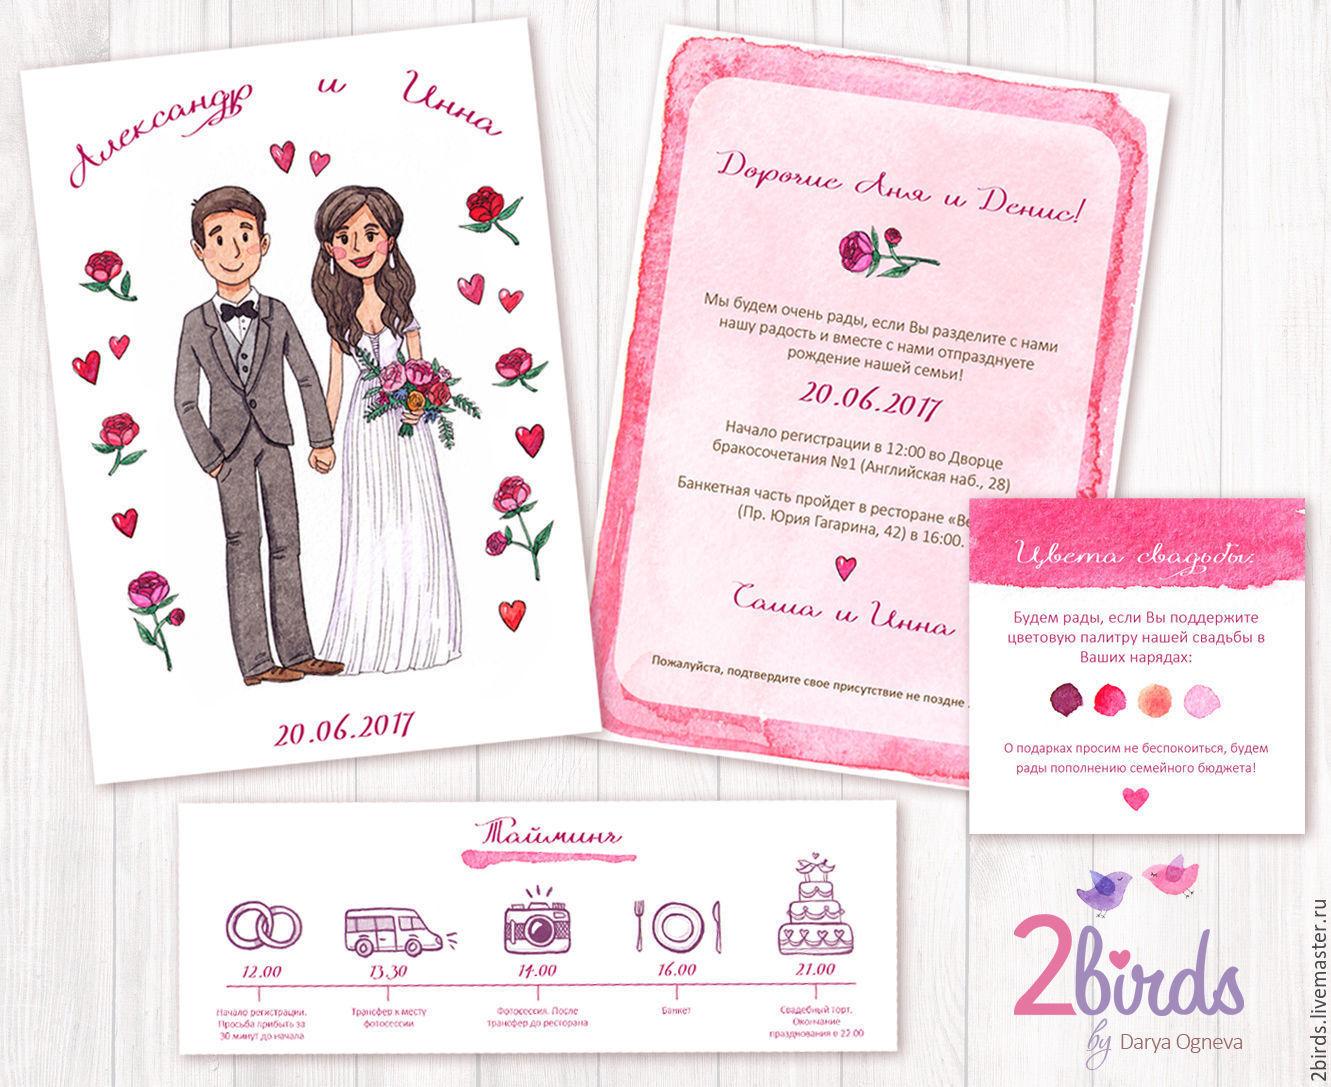 двойного приглашения на свадьбу с иллюстрациями целый ряд природных